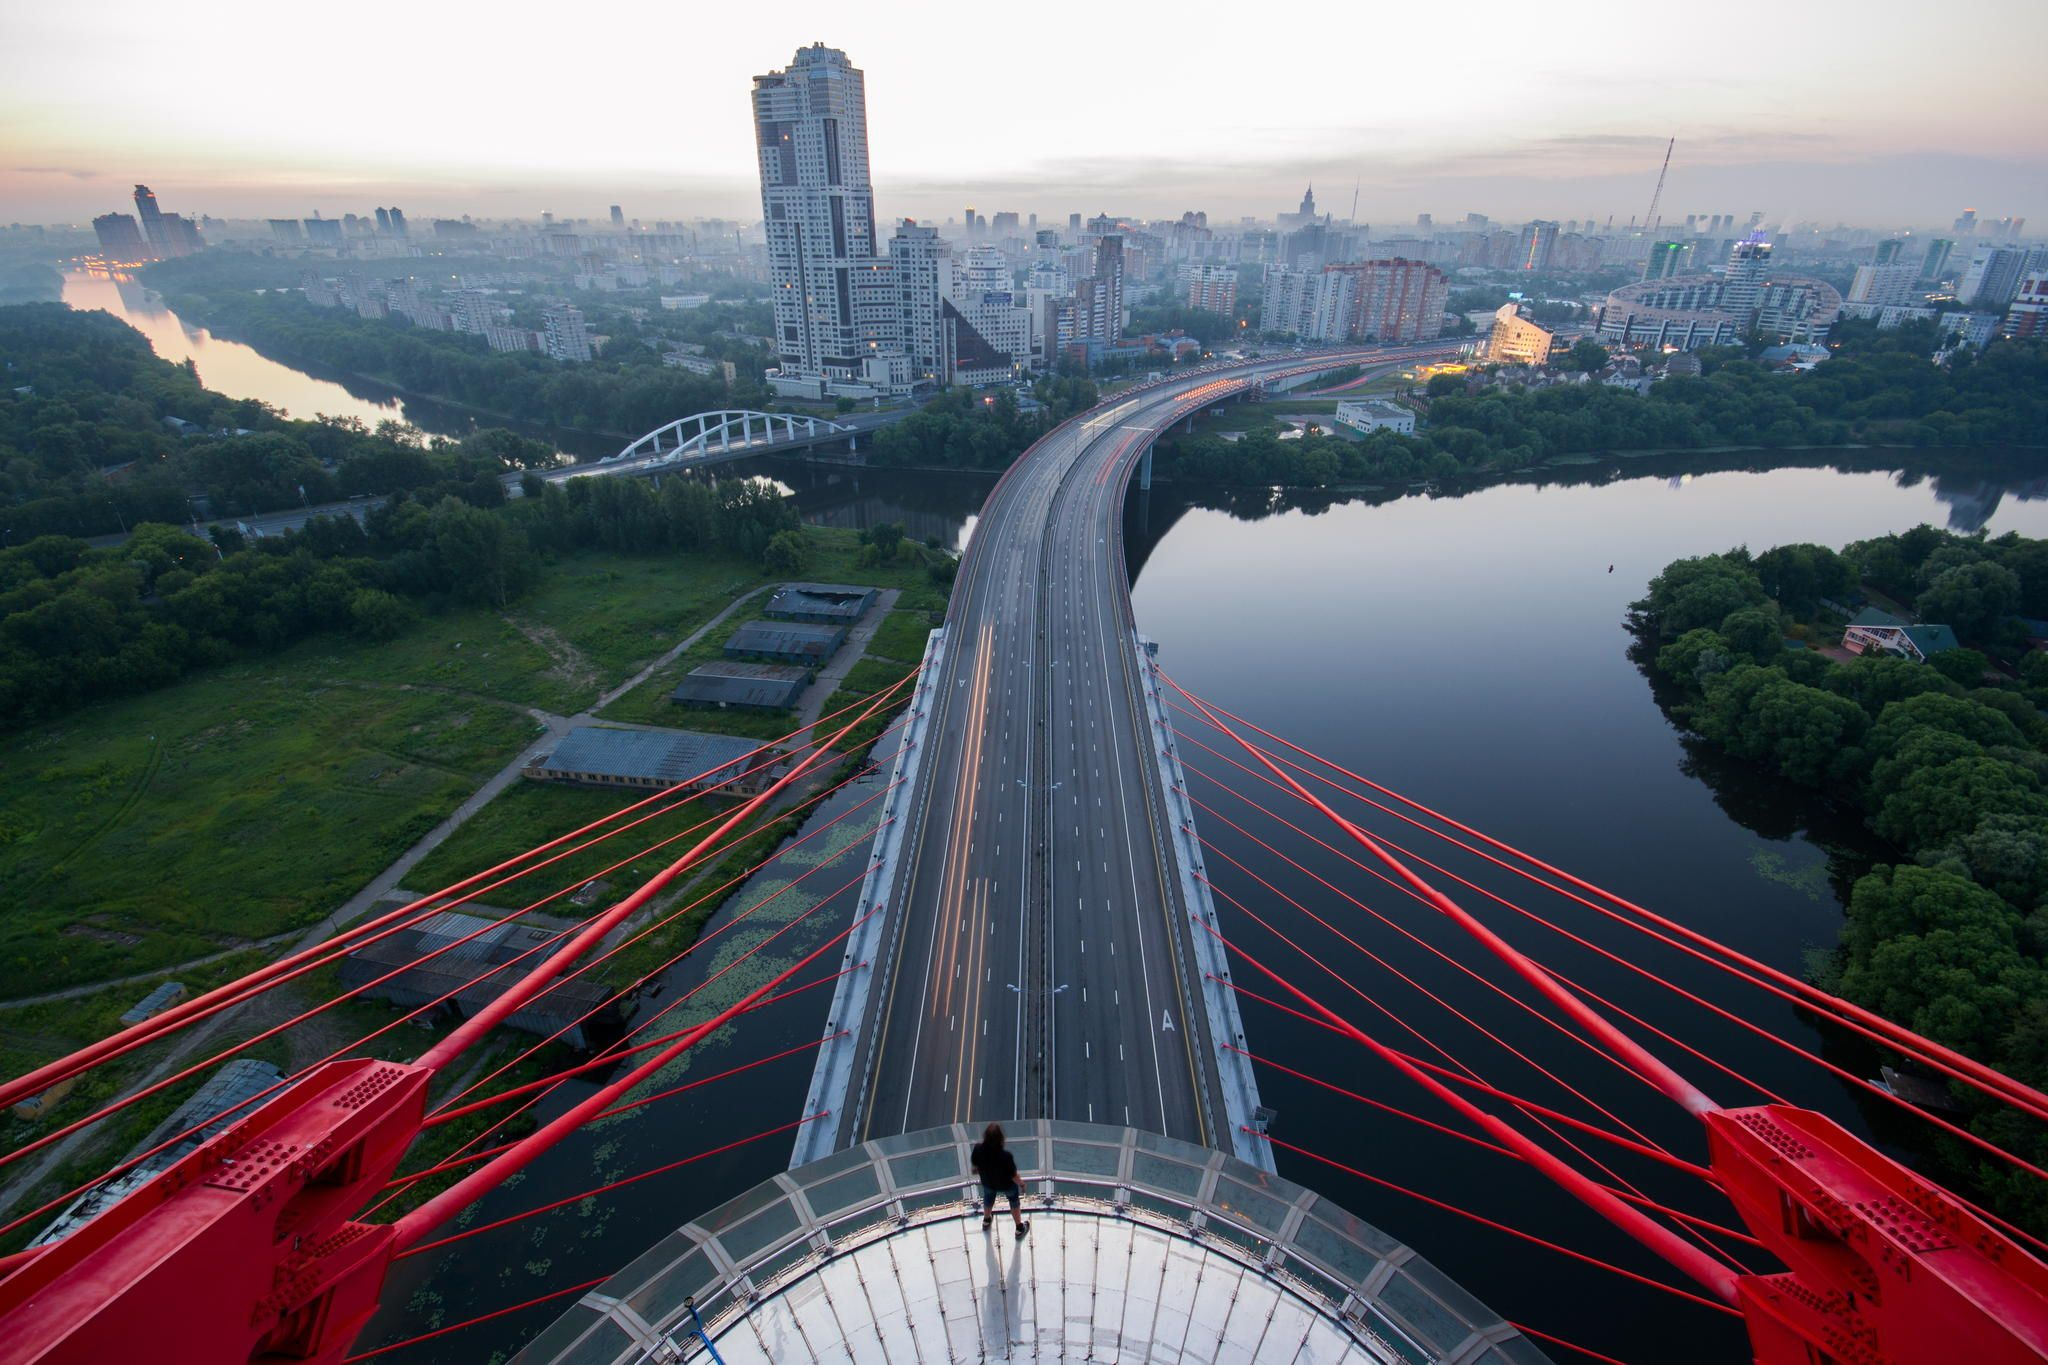 фото моста в москве с рестораном оформить дизайн